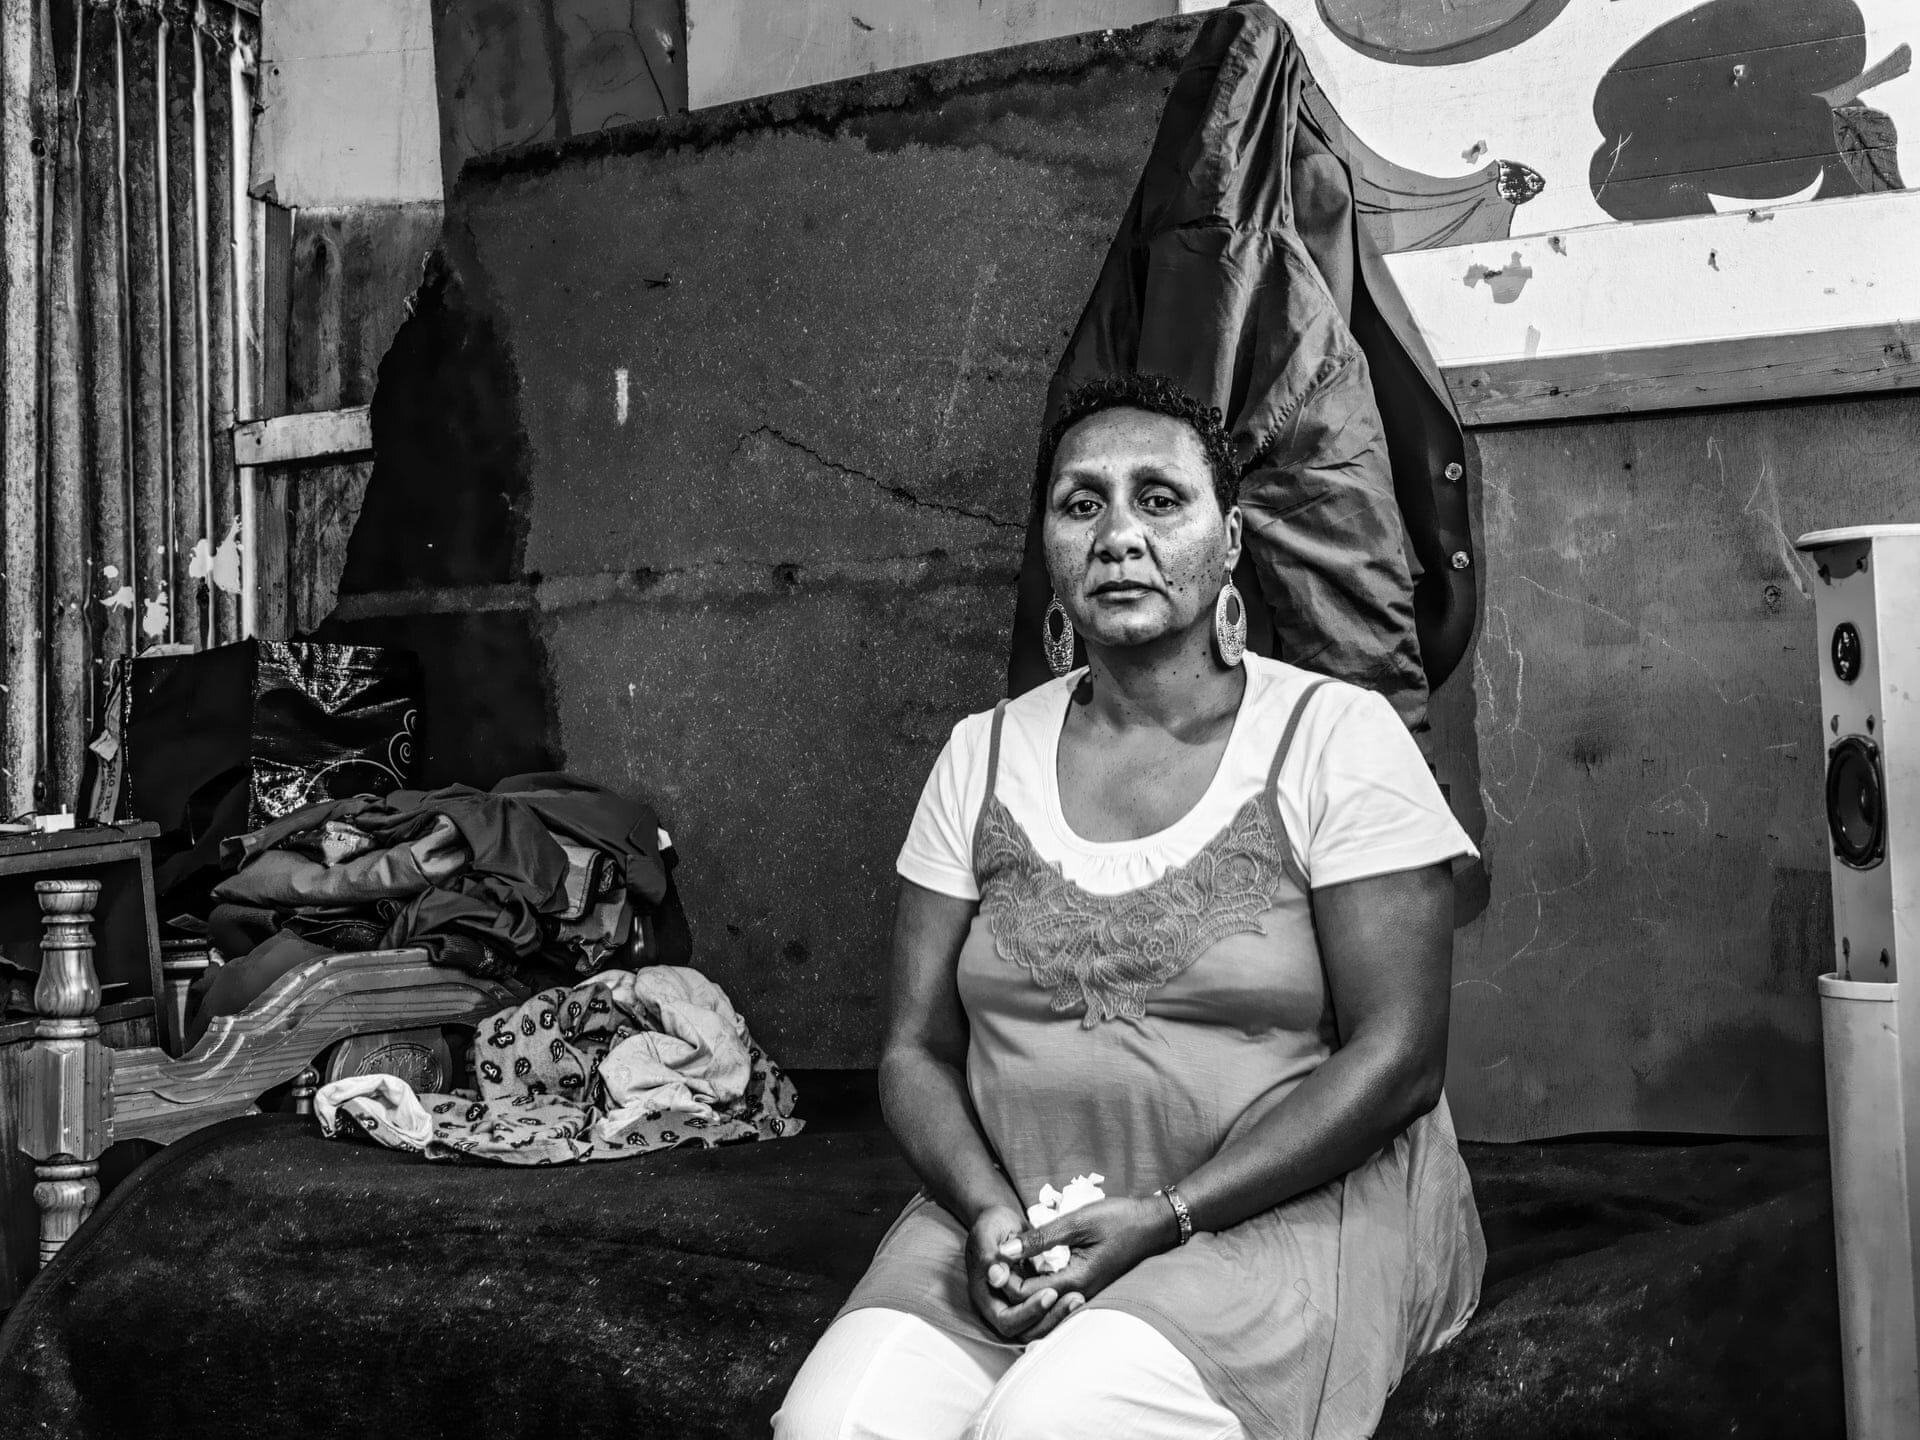 10 світлин: портрети злочинців та жертв Девіда Голдблатта